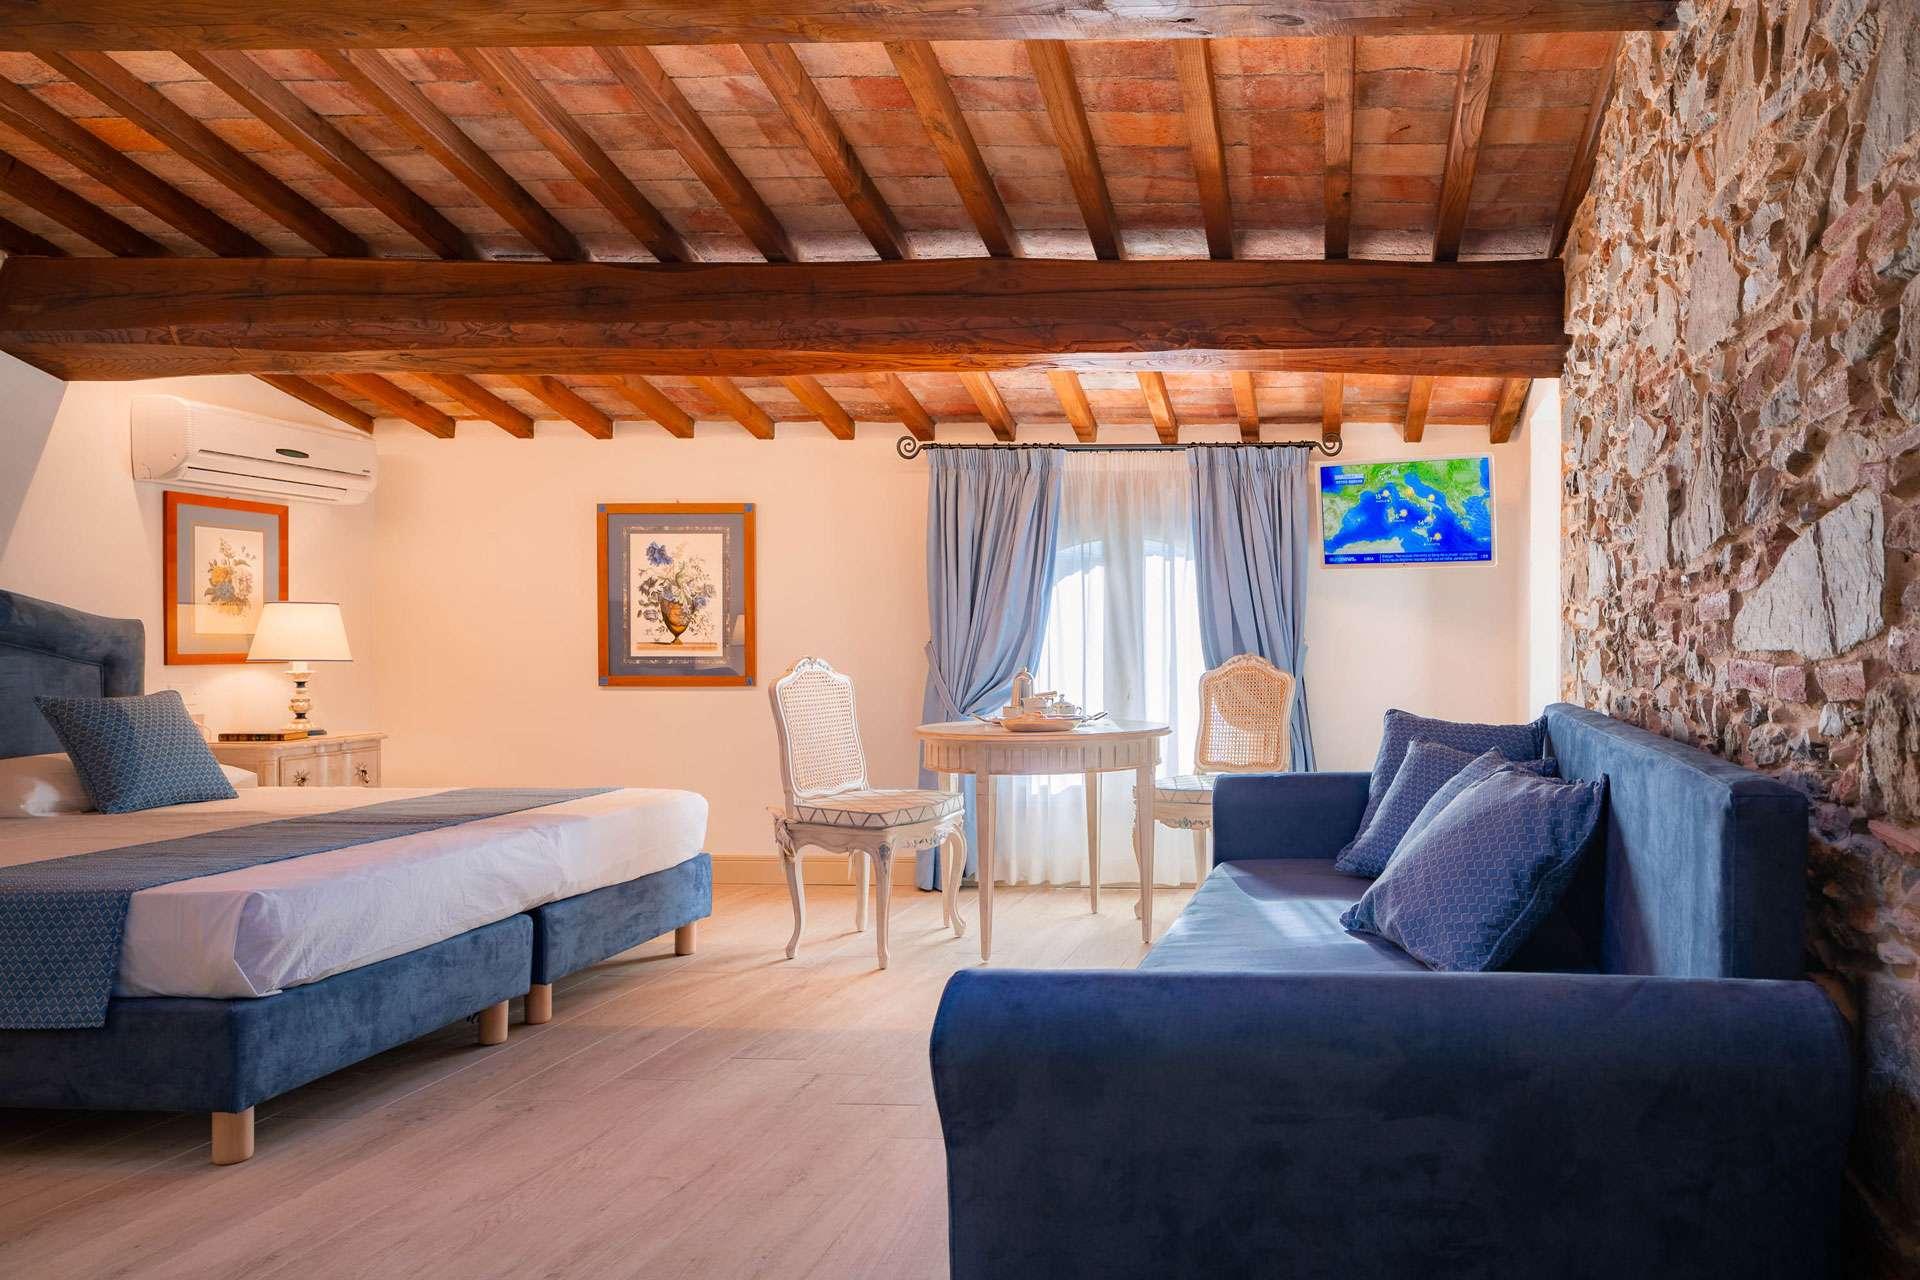 camera sui toni dell'azzurro con letto e divano letto e travi in lego tipiche della campagna di Firenze